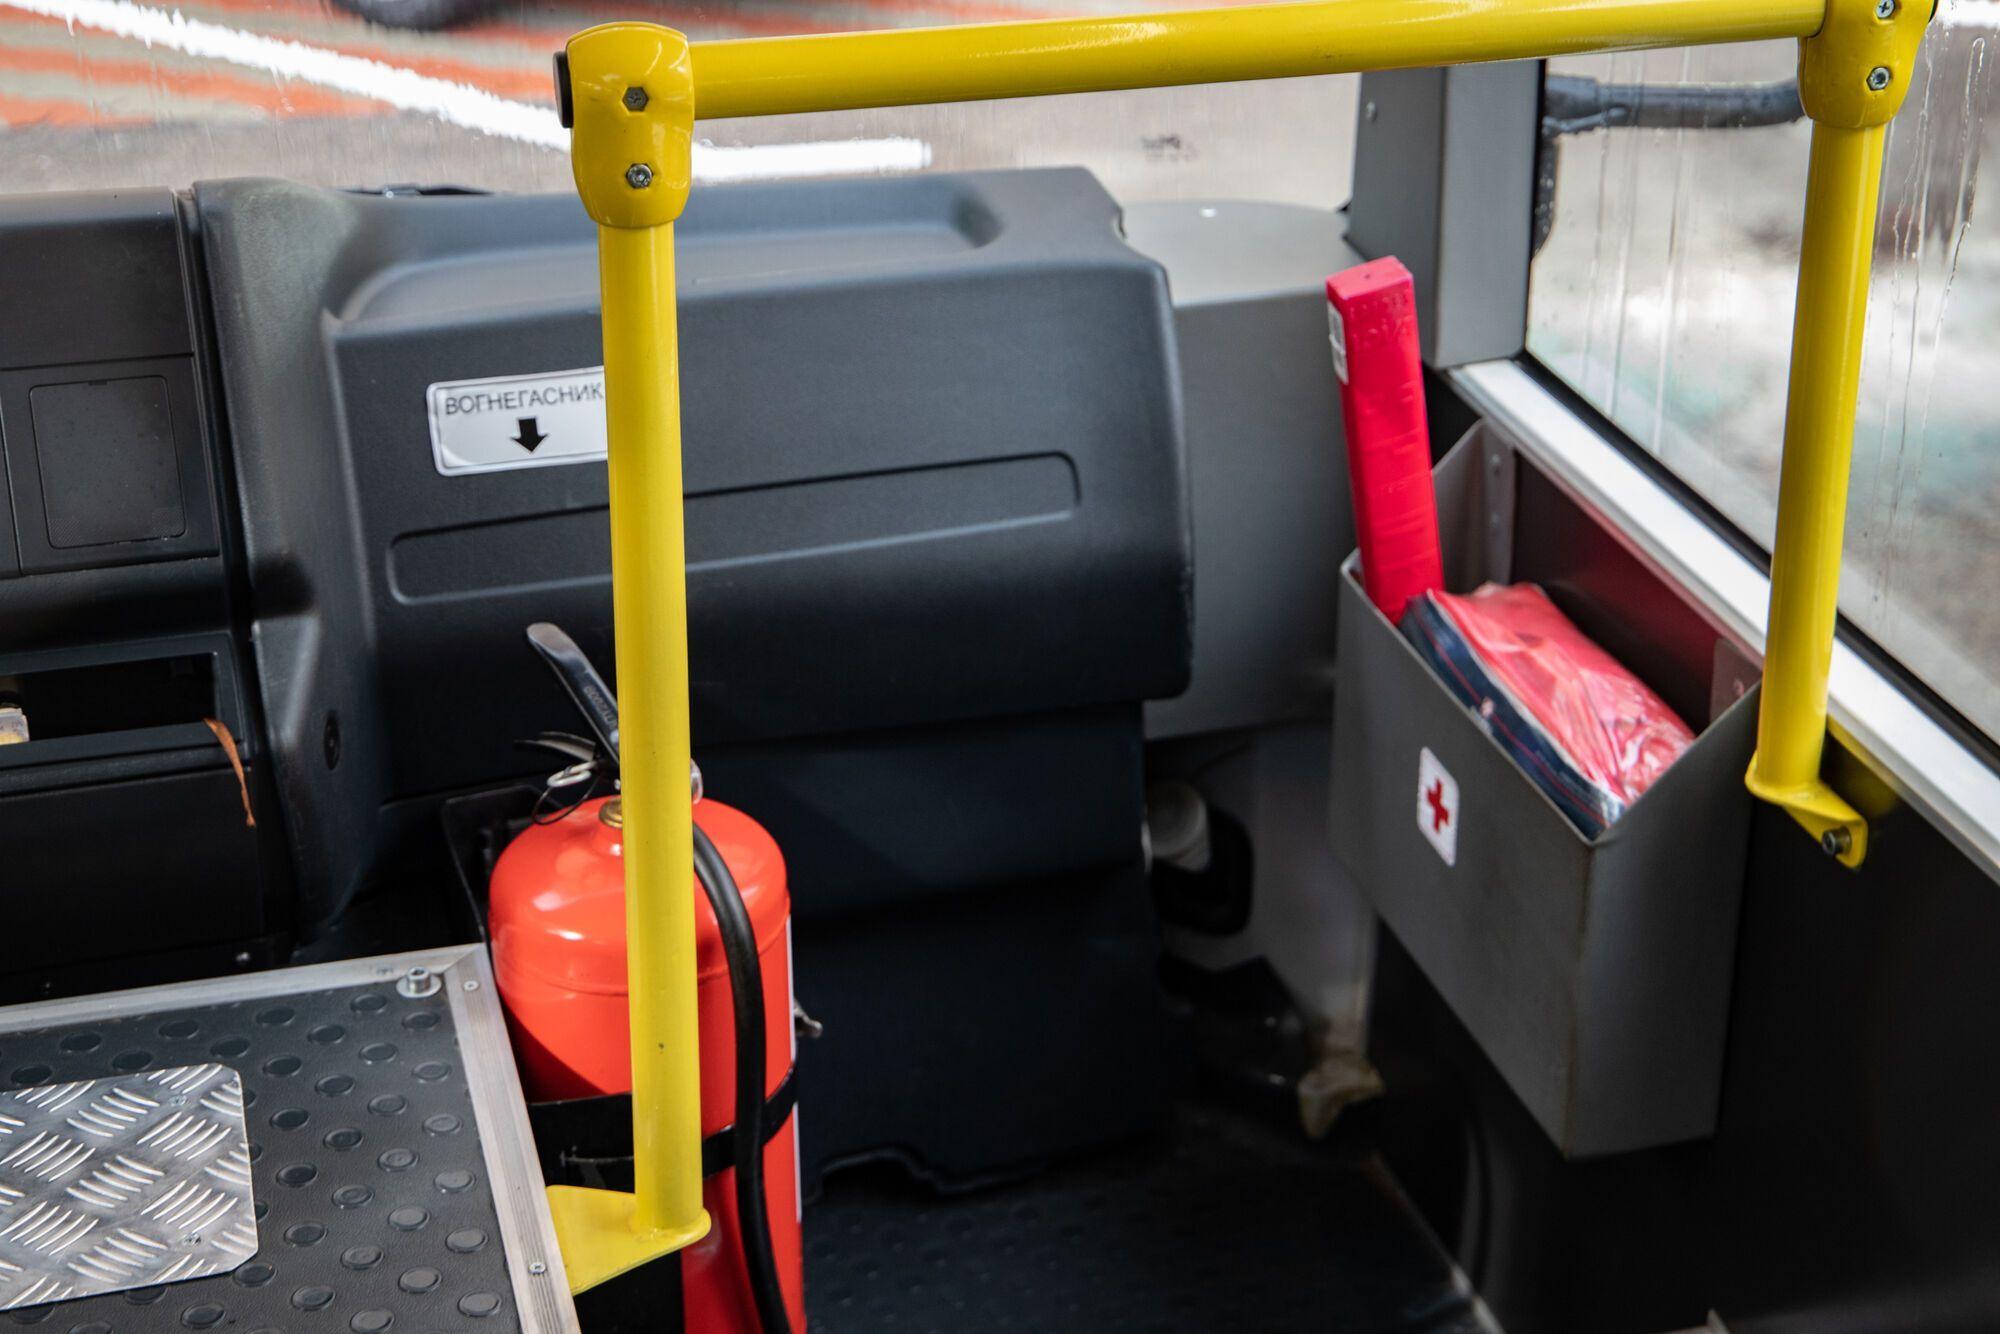 В каждом автобусе будет валидатор для е-билета.